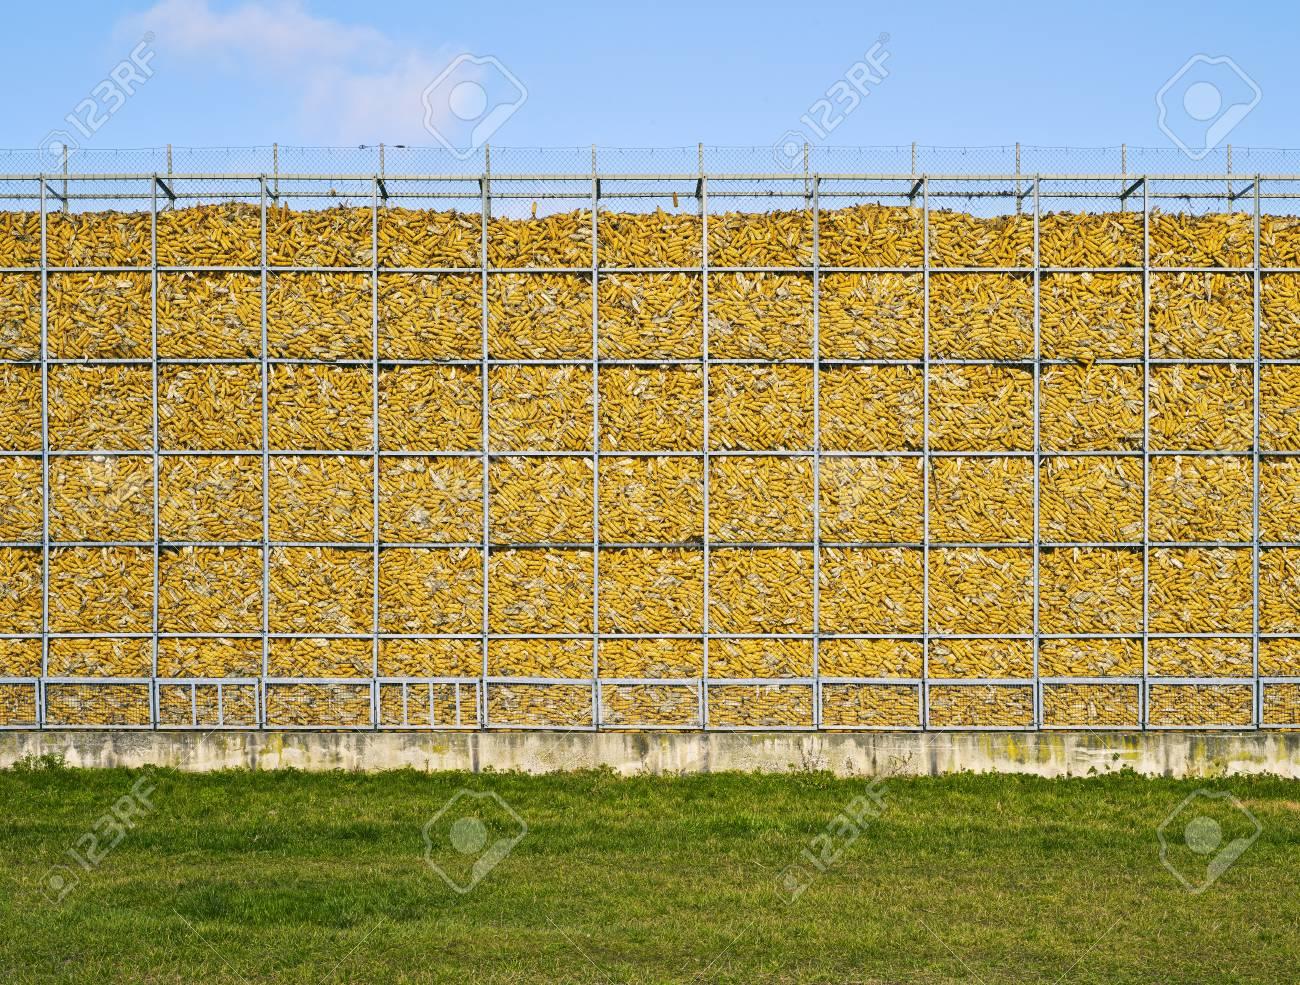 corn, wall, yellow, natural, memory Stock Photo - 18141626